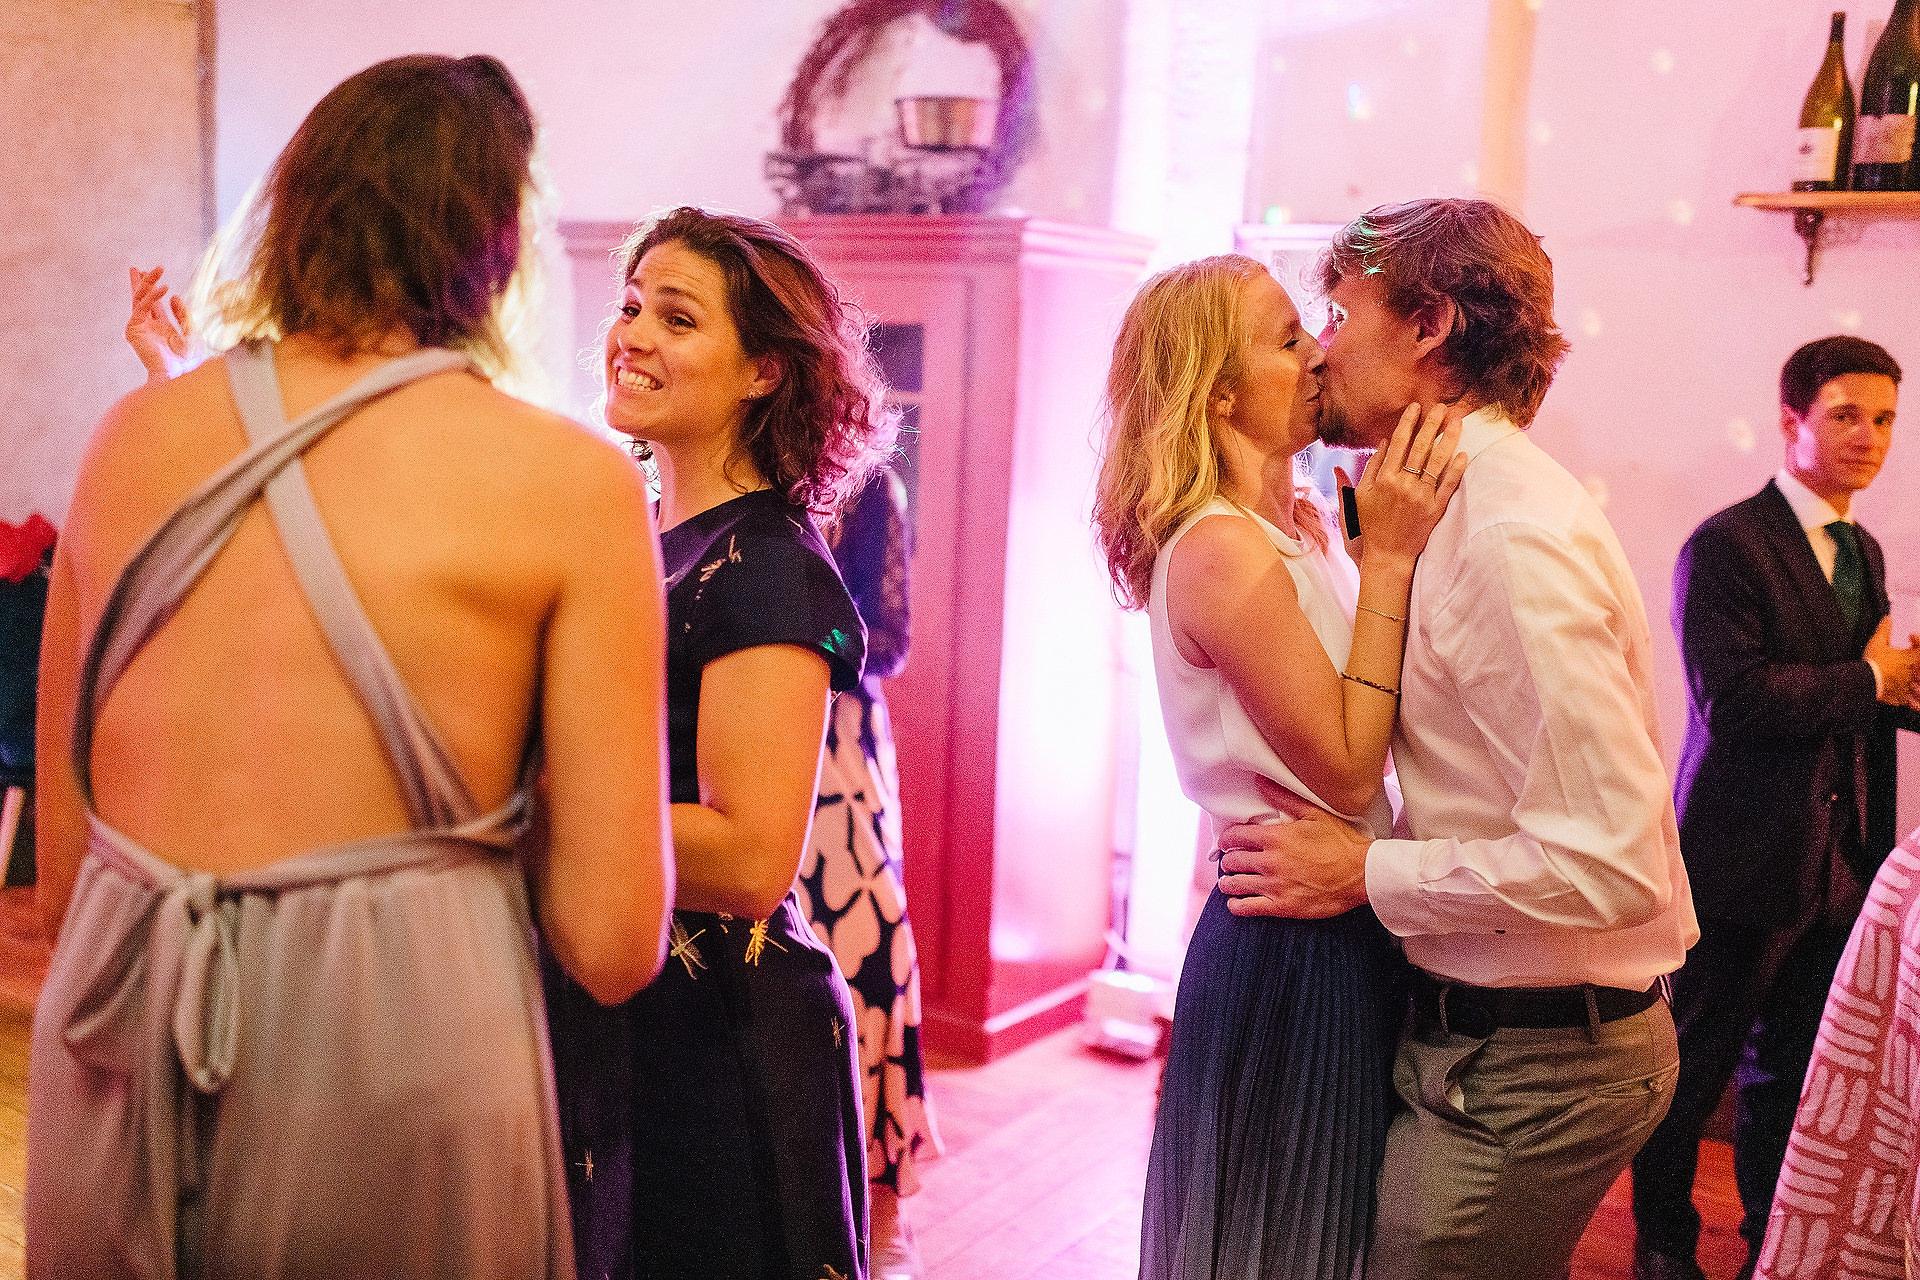 Fotograf Konstanz - Hochzeitsreportage Freiburg Hofgut Lilienhof Hochzeit Fotograf Konstanz 103 - Hochzeit in Freiburg und Hofgut Lilienhof  - 201 -